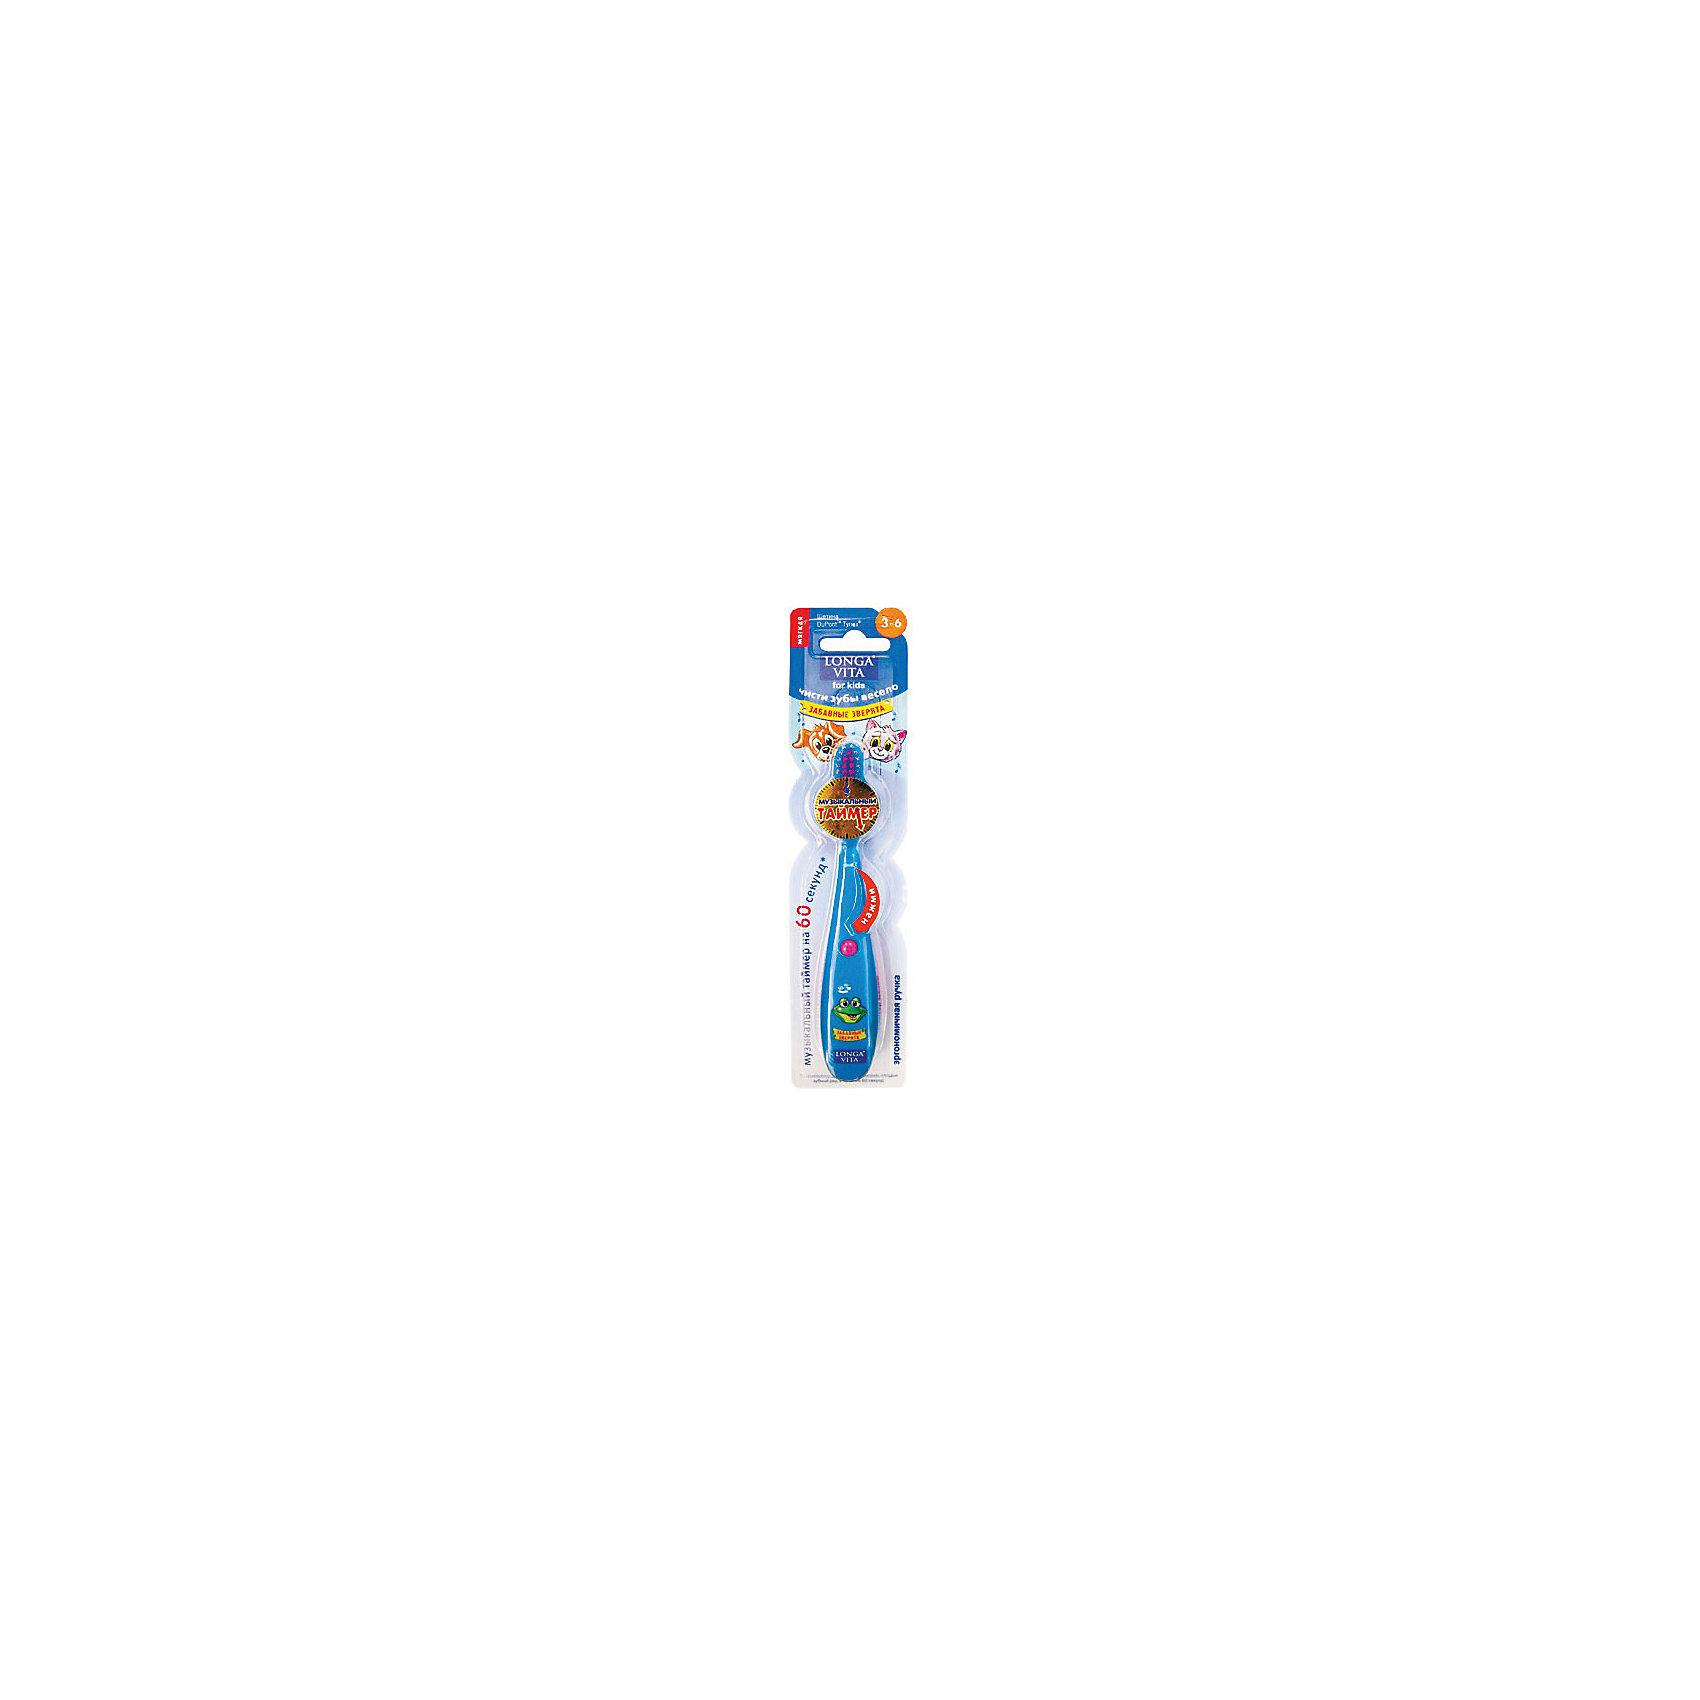 Музыкальная зубная щётка Забавные зверята, 3-6 лет, LONGA VITA, синийХарактеристика: <br><br>- возраст: от 3 до 6 лет.<br>- цвет: синий.<br>- музыкальный таймер,<br>- противоскользящая поверхность ручки, <br>- силовой выступ для большого пальца, <br>- цветовое поле щетины для оптимального дозирования пасты.<br><br>Такая милая и яркая зубная щетка создана специально для детей от 3 лет. Она поможет привить детям навык чистки зубов, а небольшая чистящая головка и удобная ручка способствуют бережному и безопасному уходу за зубами и дёснами.<br><br>Музыкальную зубную щетку Забавные зверята от LONGA VITA, можно купить в нашем магазине.<br><br>Ширина мм: 160<br>Глубина мм: 20<br>Высота мм: 25<br>Вес г: 40<br>Возраст от месяцев: 36<br>Возраст до месяцев: 72<br>Пол: Унисекс<br>Возраст: Детский<br>SKU: 5244679